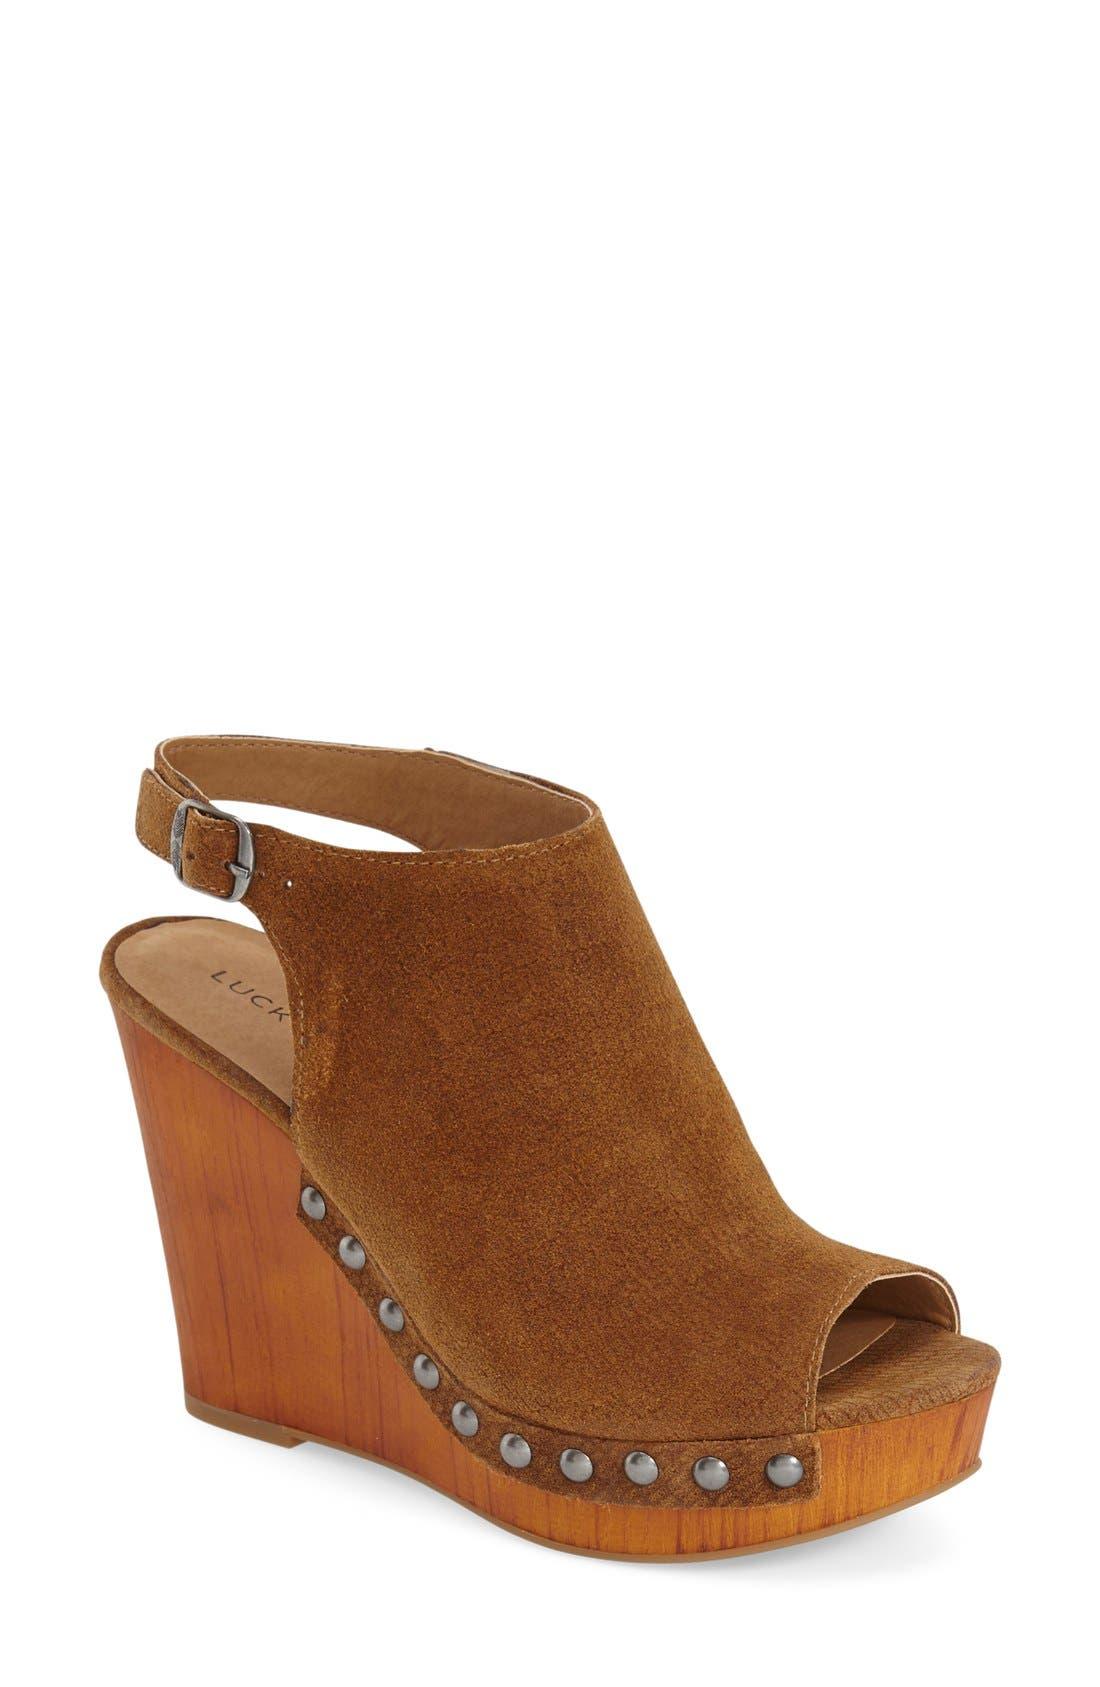 Main Image - Lucky Brand 'Larae' Wedge Sandal (Women)